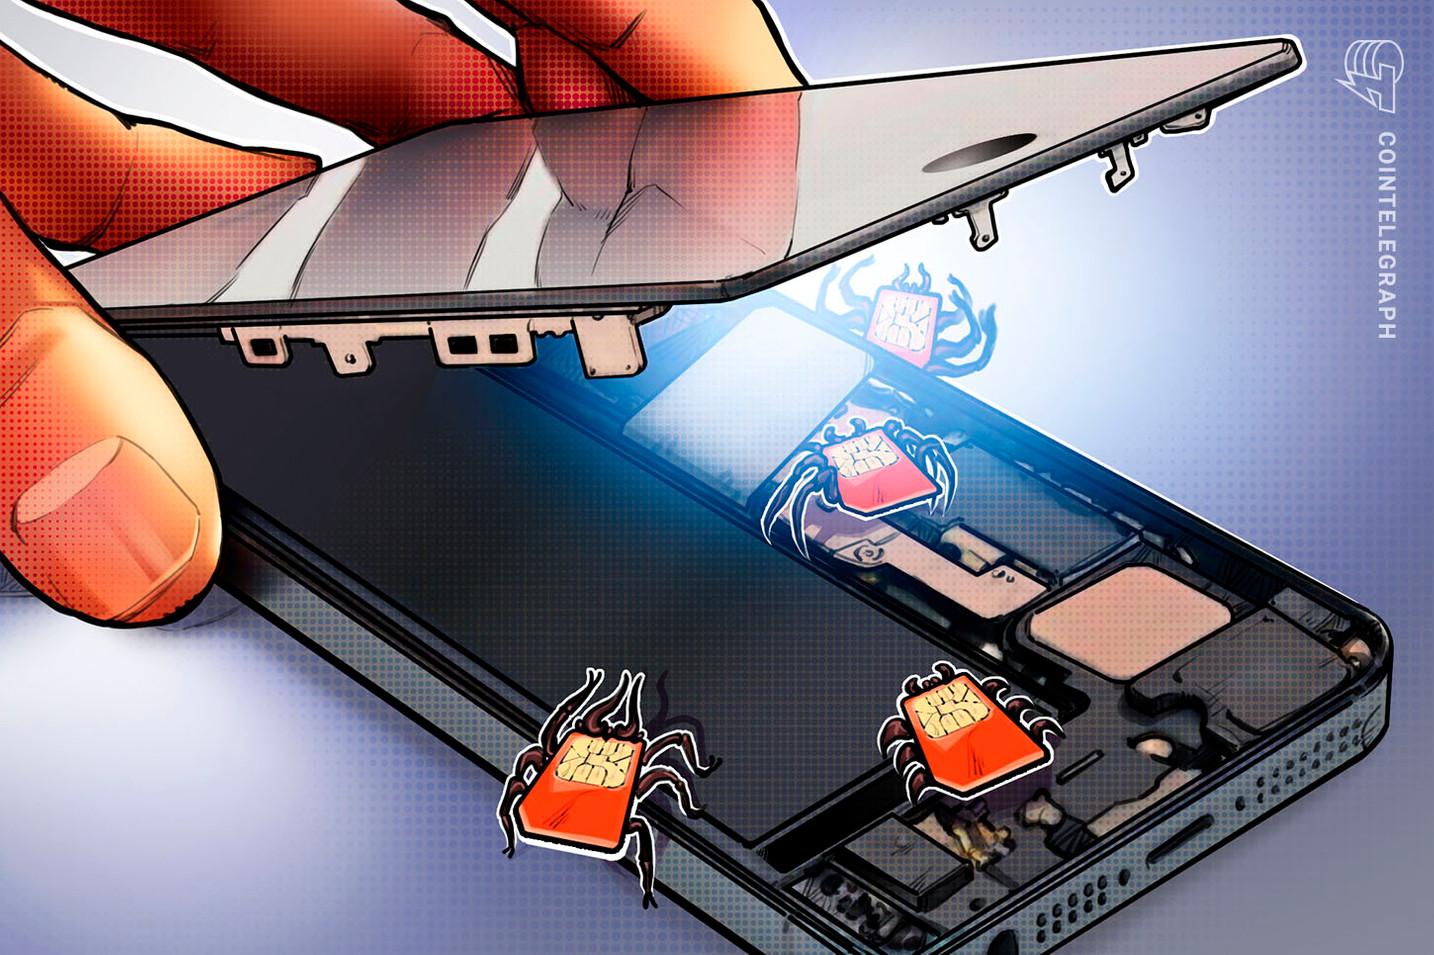 2億7500万円分の仮想通貨を窃盗か 米司法省がSIM再発行悪用のハッカー集団を起訴